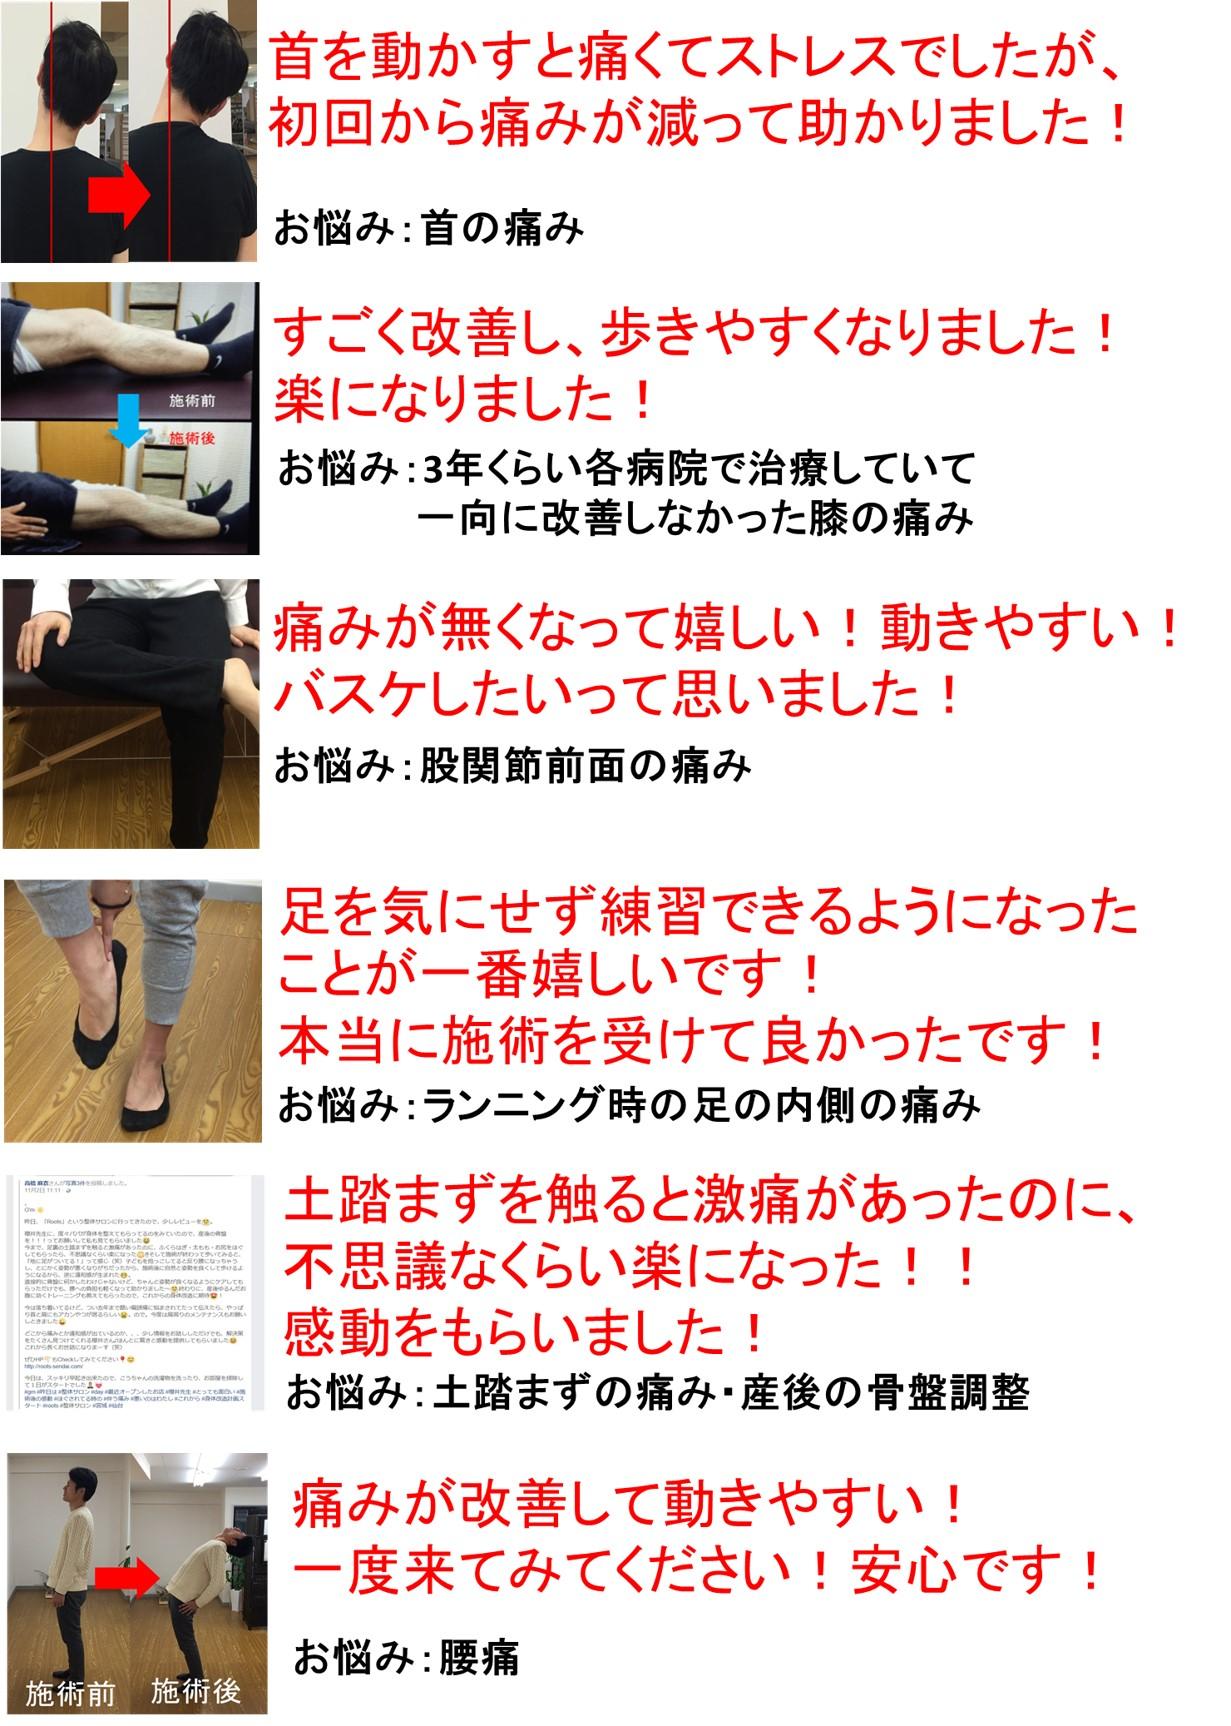 仙台の整体で肩こりに筋膜を施術するルーツ